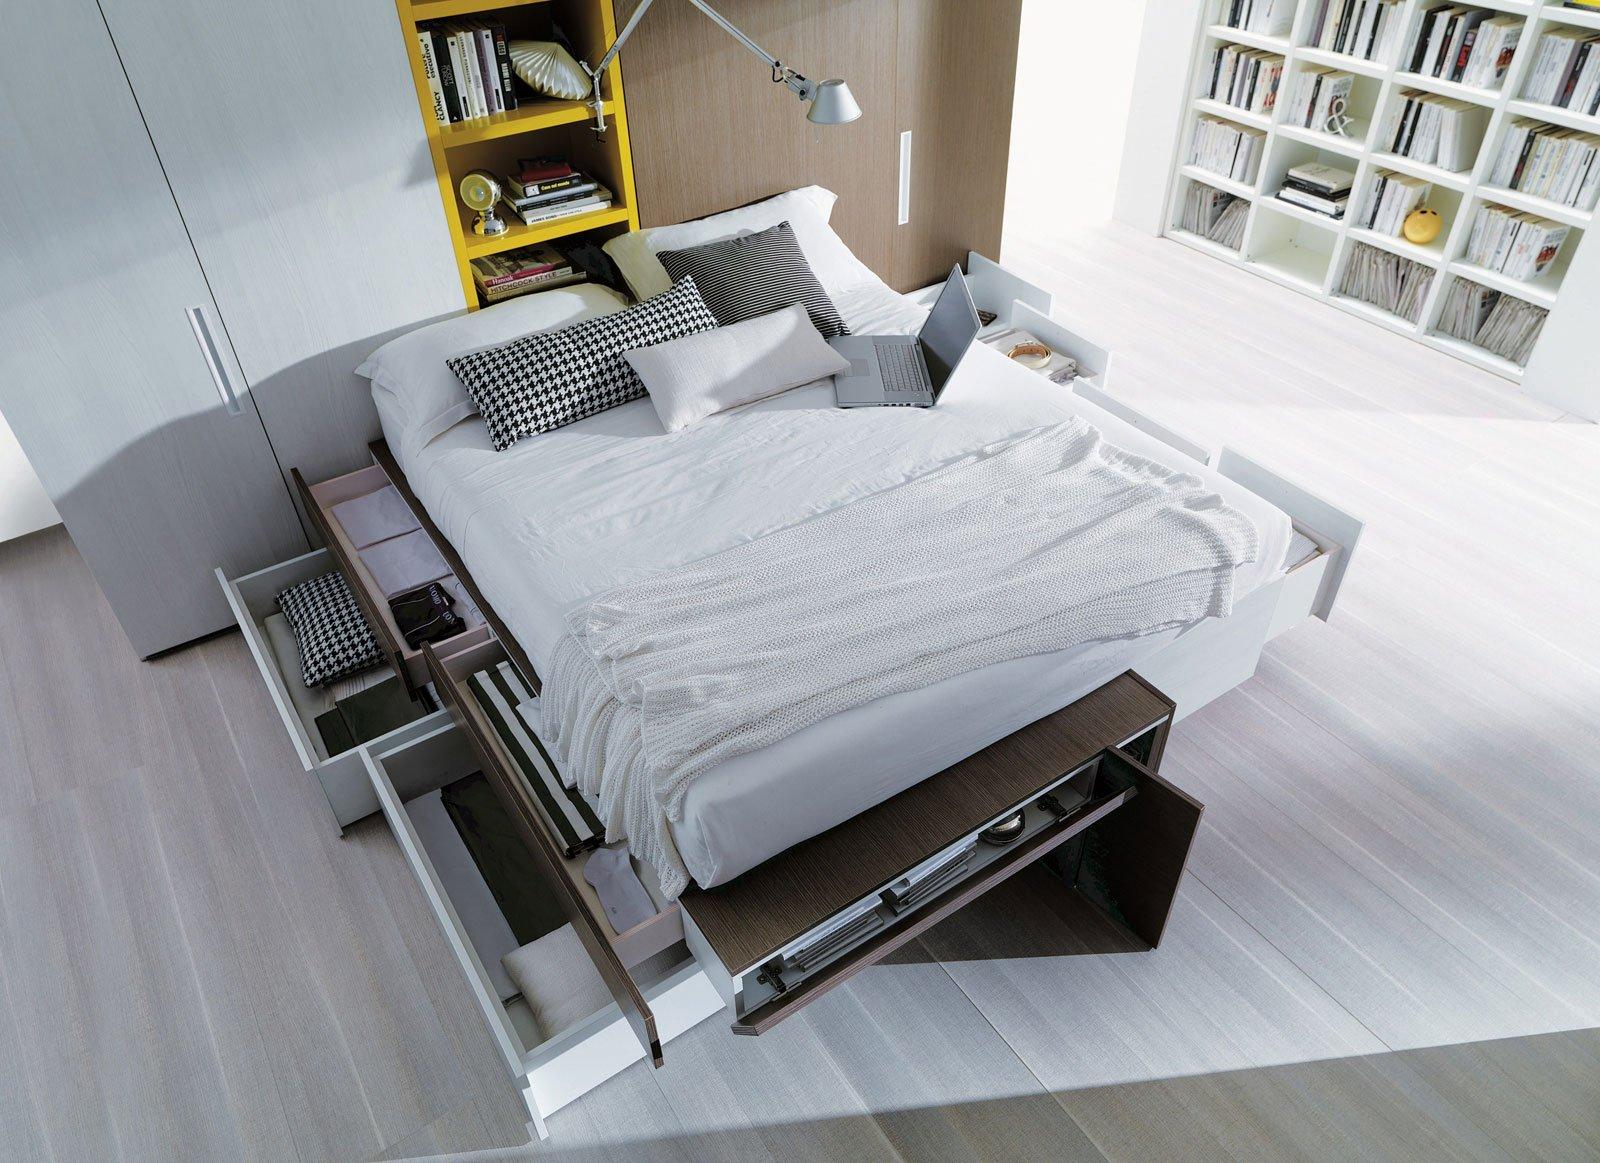 Mobili e accessori salvaspazio per la camera da letto for Letto rialzato ikea